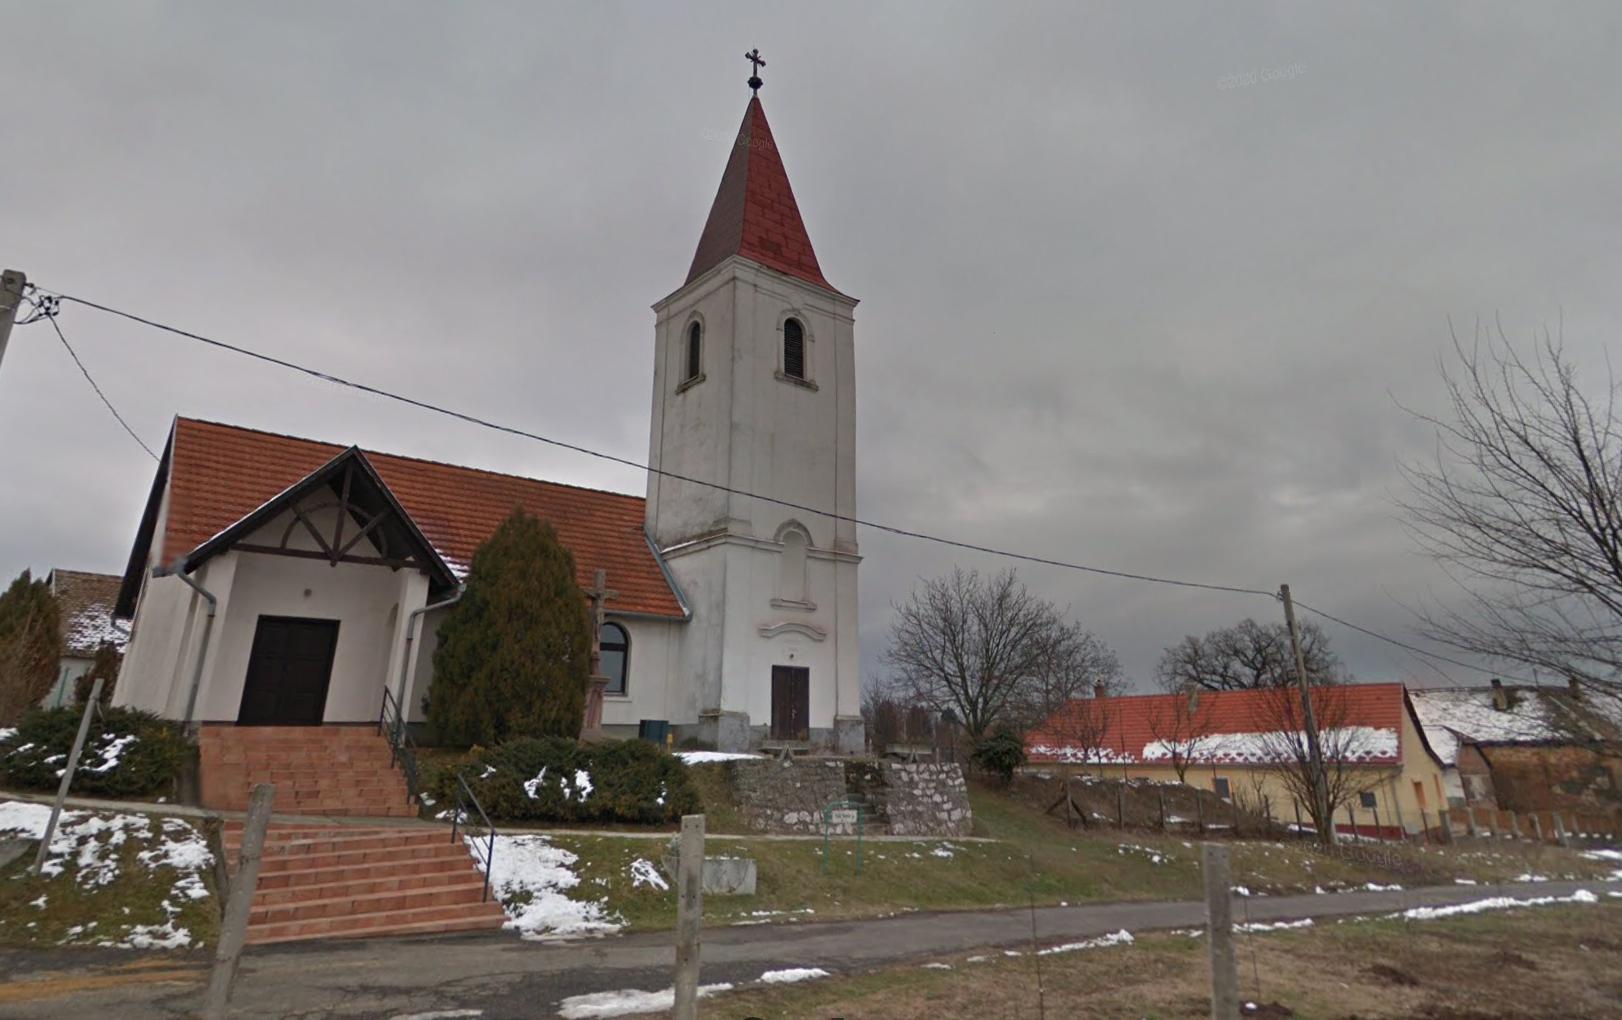 Egy csapat tizenéves betört egy Baranya megyei templomba és több mint egymillió forint kárt okoztak